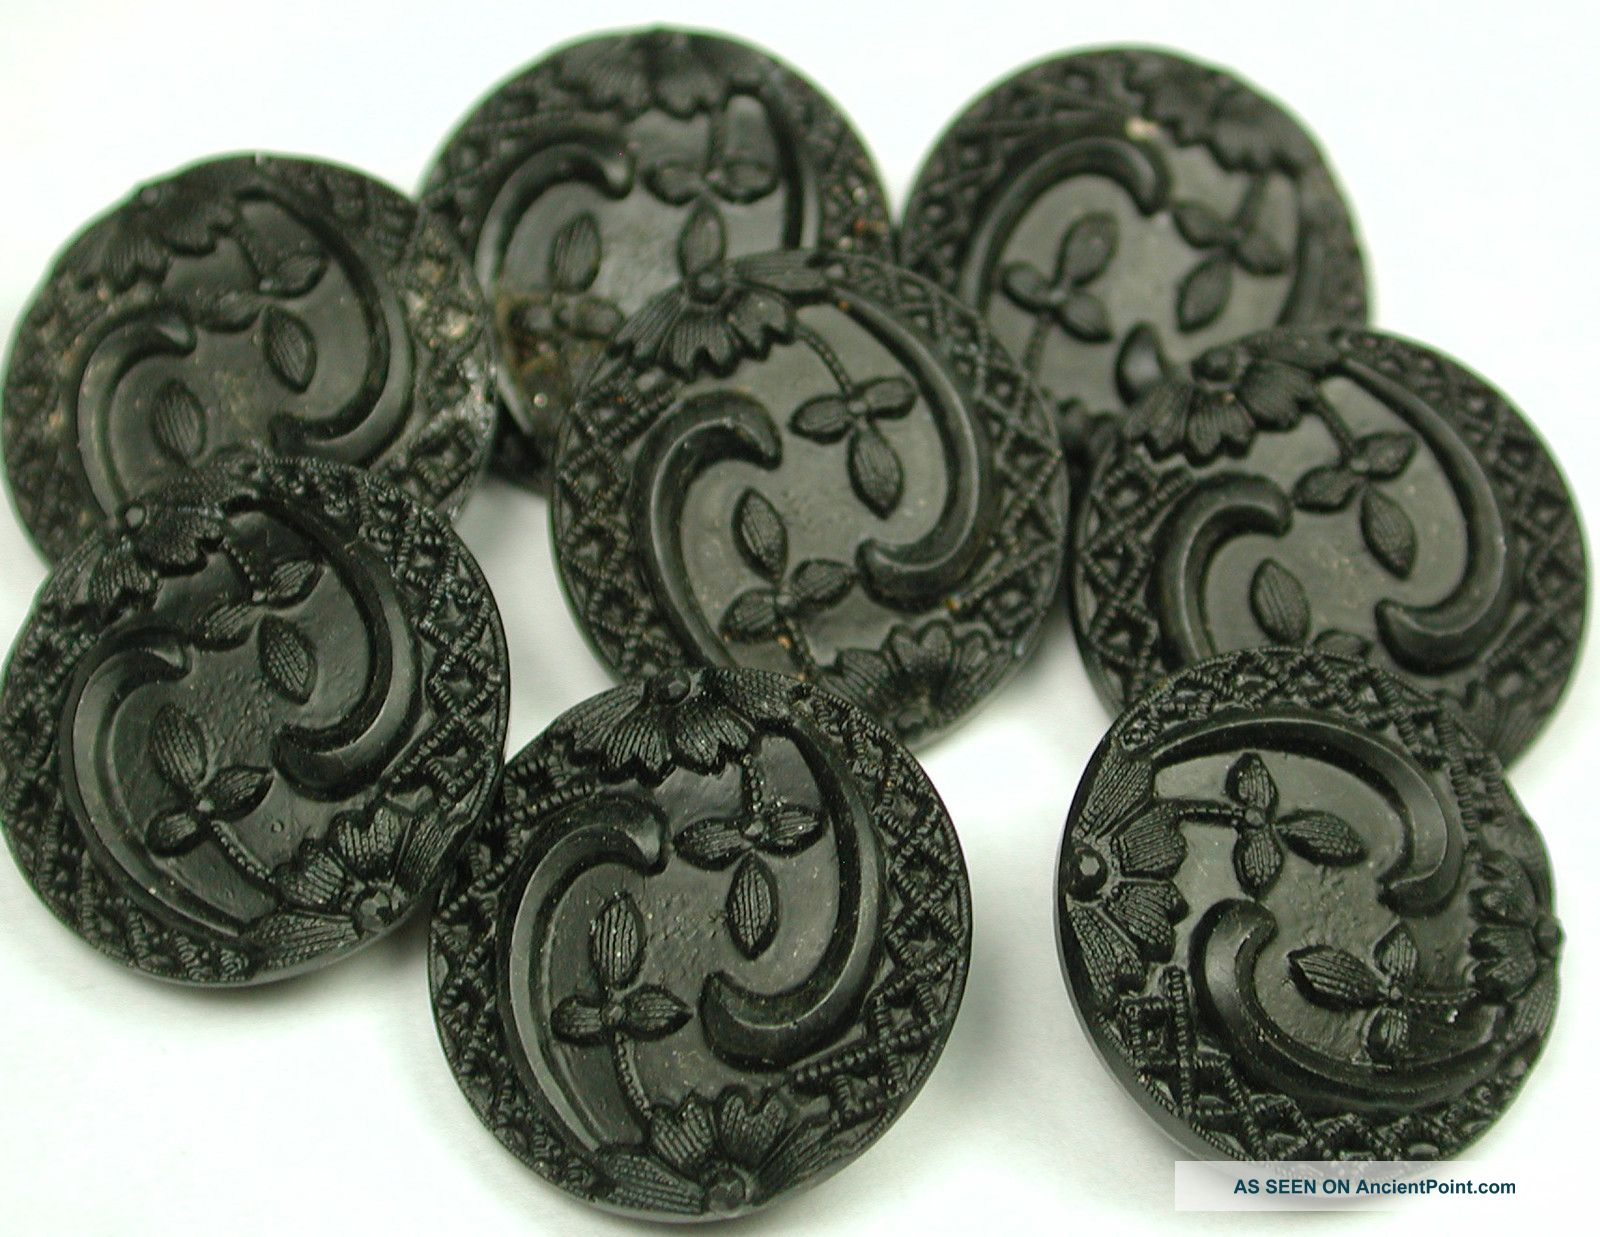 8 Div 1 Antique Black Glass Buttons Nouveau Floral Design Buttons photo